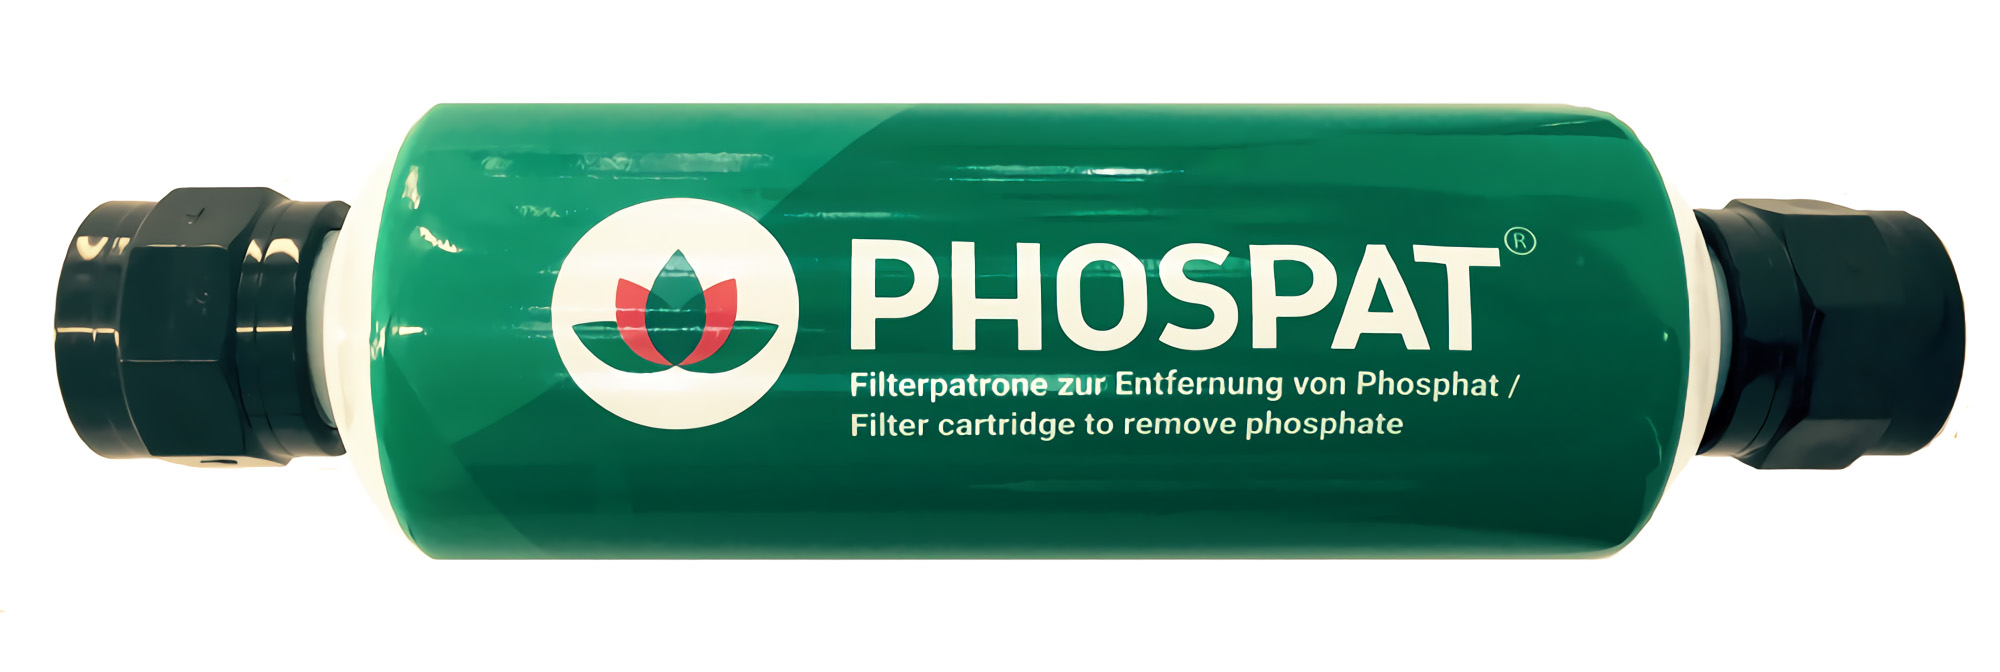 phospat_3.jpg